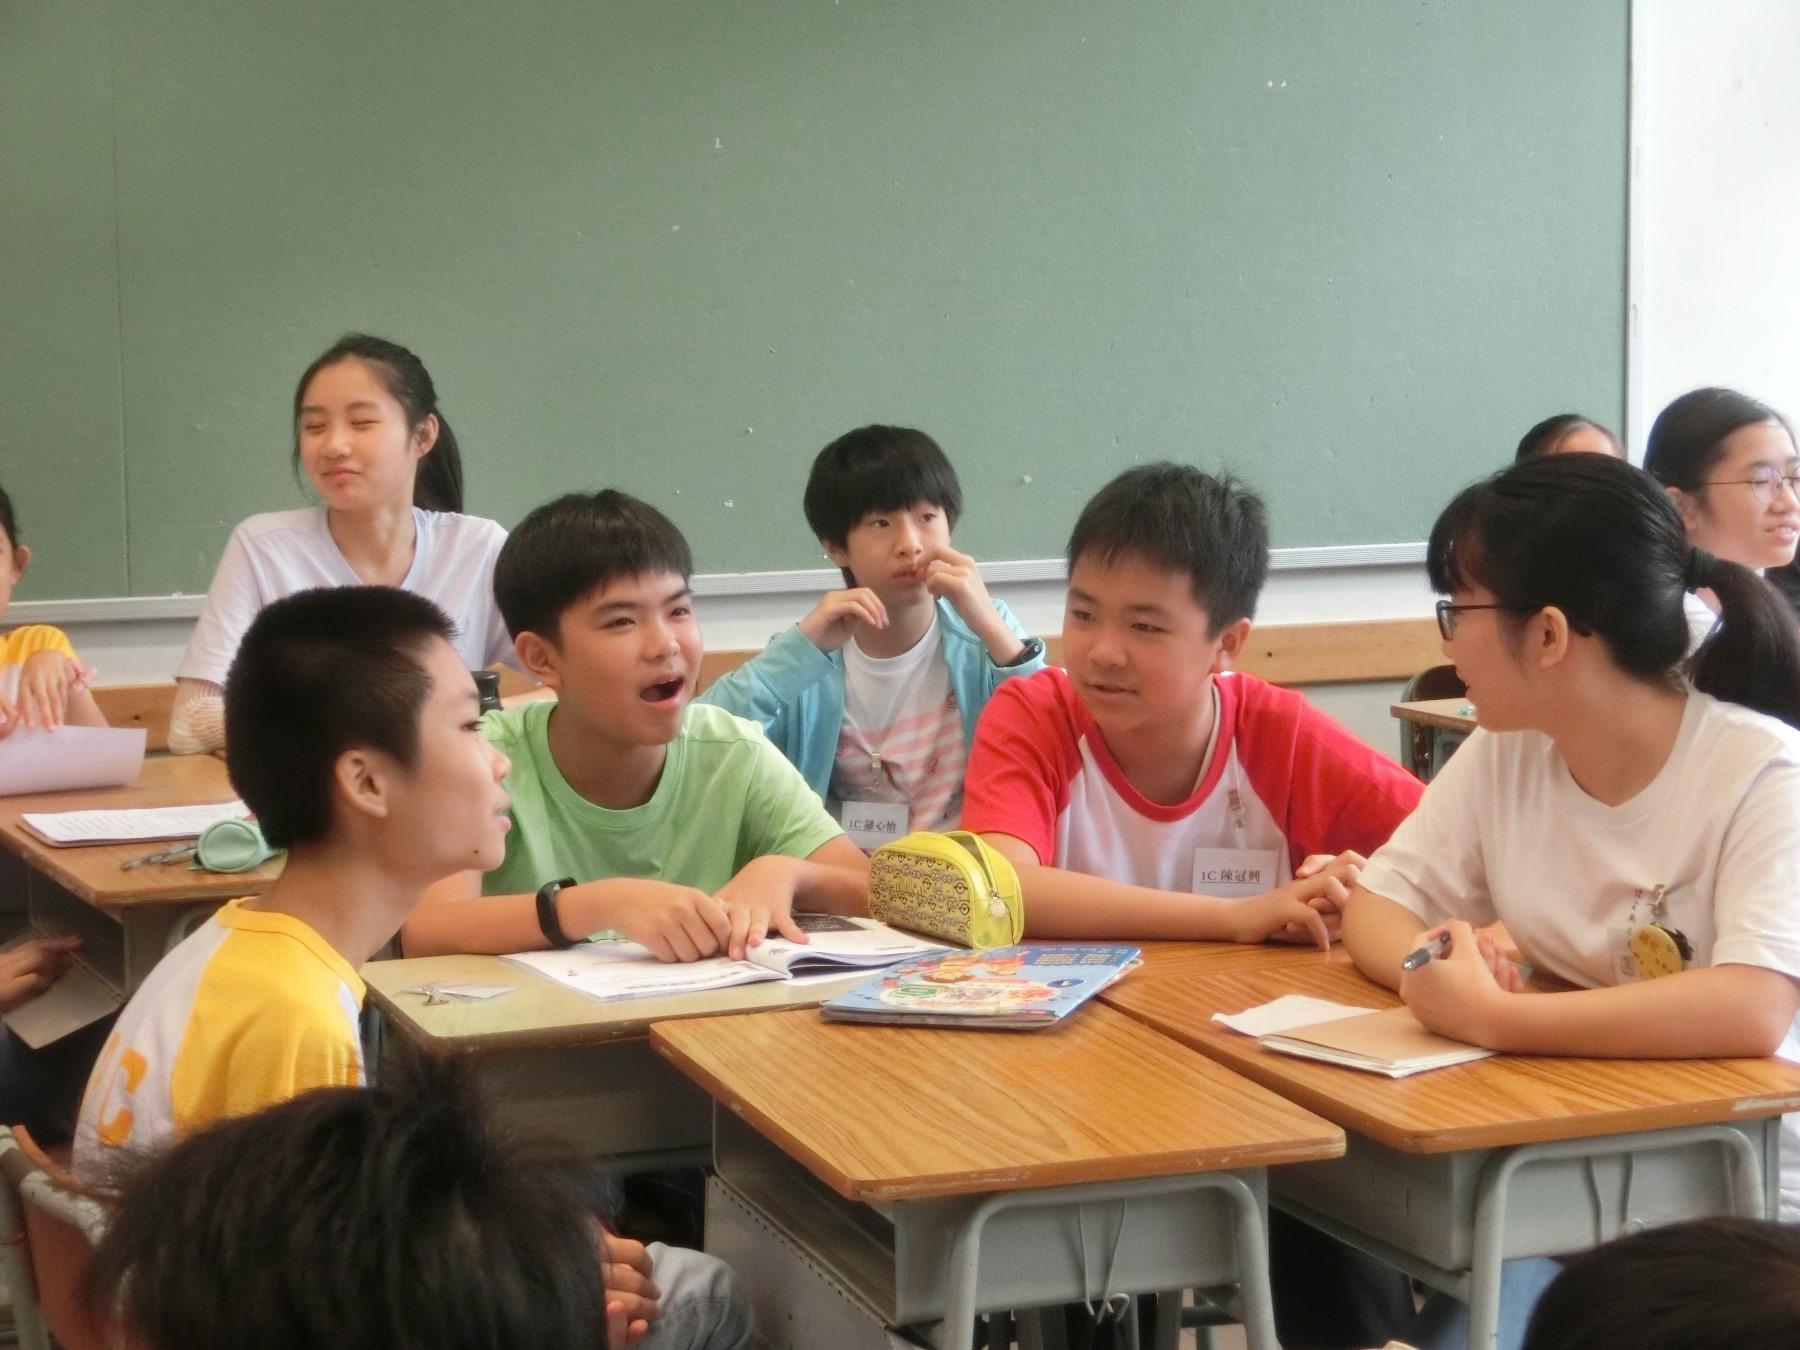 https://www.npc.edu.hk/sites/default/files/1c_dong_dong_nao_jin_da_bi_pin_01.jpg